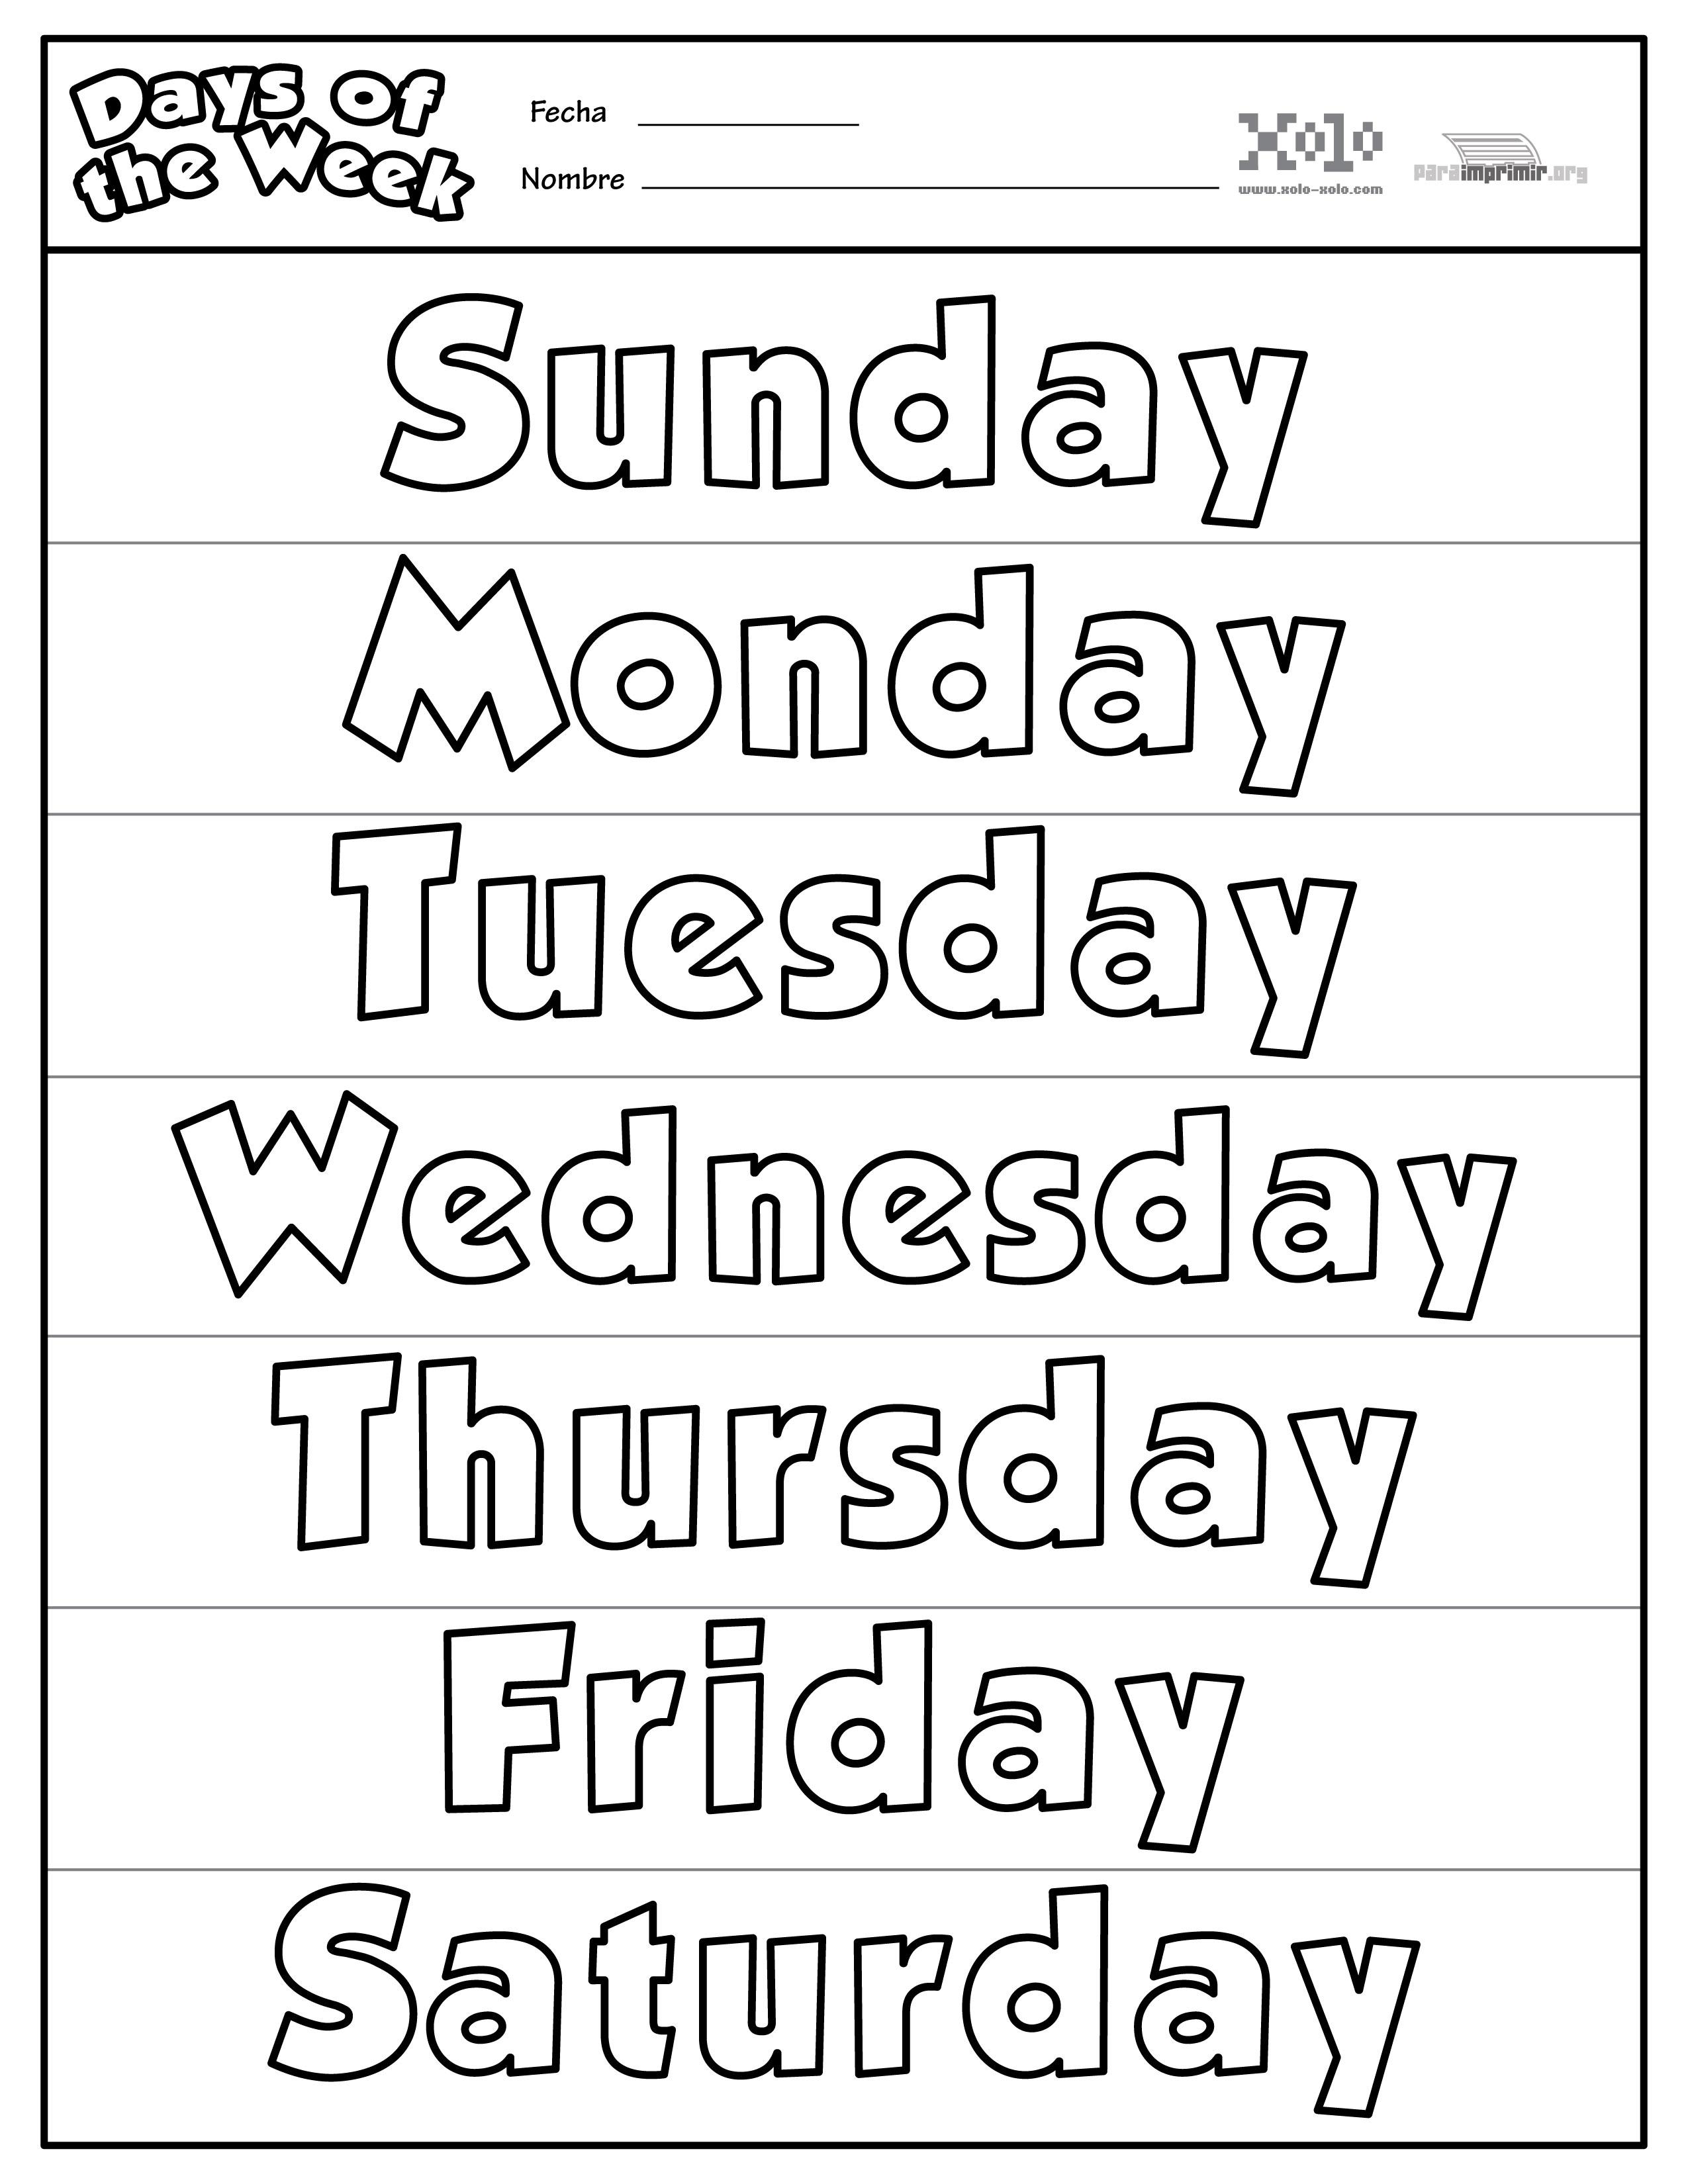 dias de la semana en espanol: